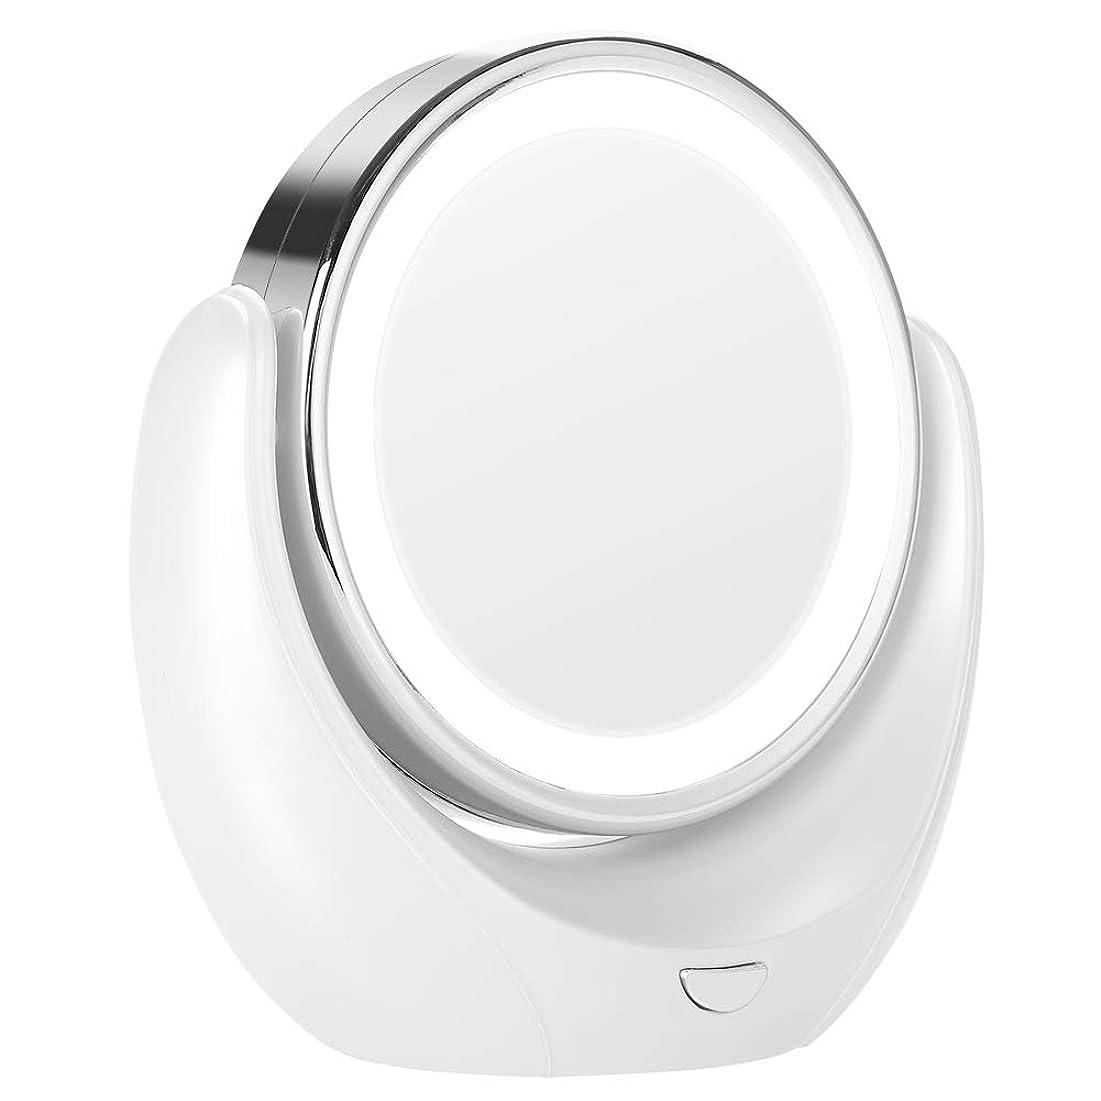 たるみくちばし処理LED HD 5X拡大鏡360度回転可能なダブルミラー化粧化粧鏡